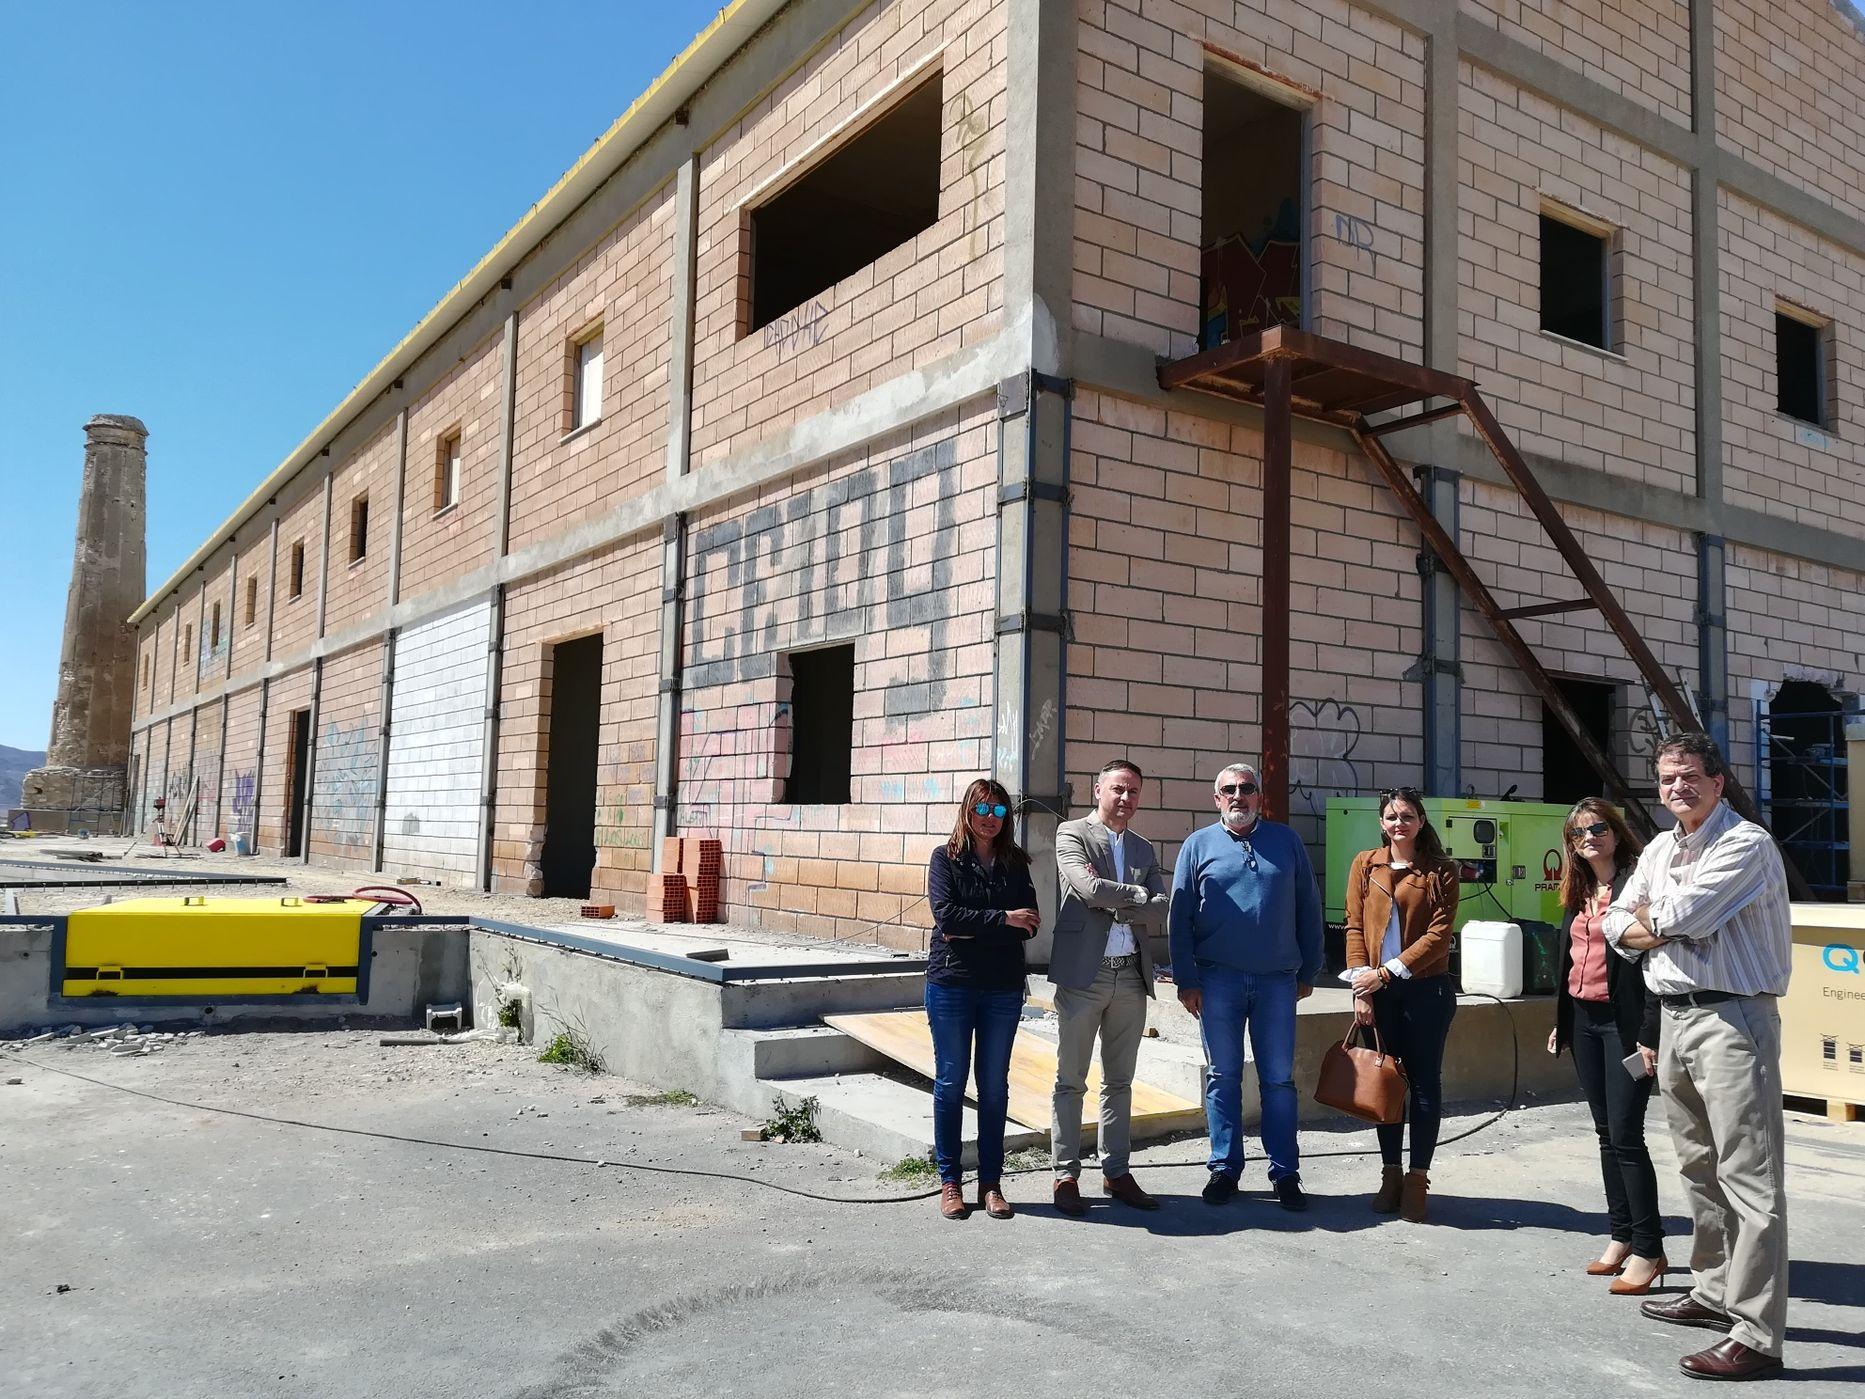 Visita del delegado de Economía, Innovación, Ciencia y Empleo, Miguel A. Tortosa